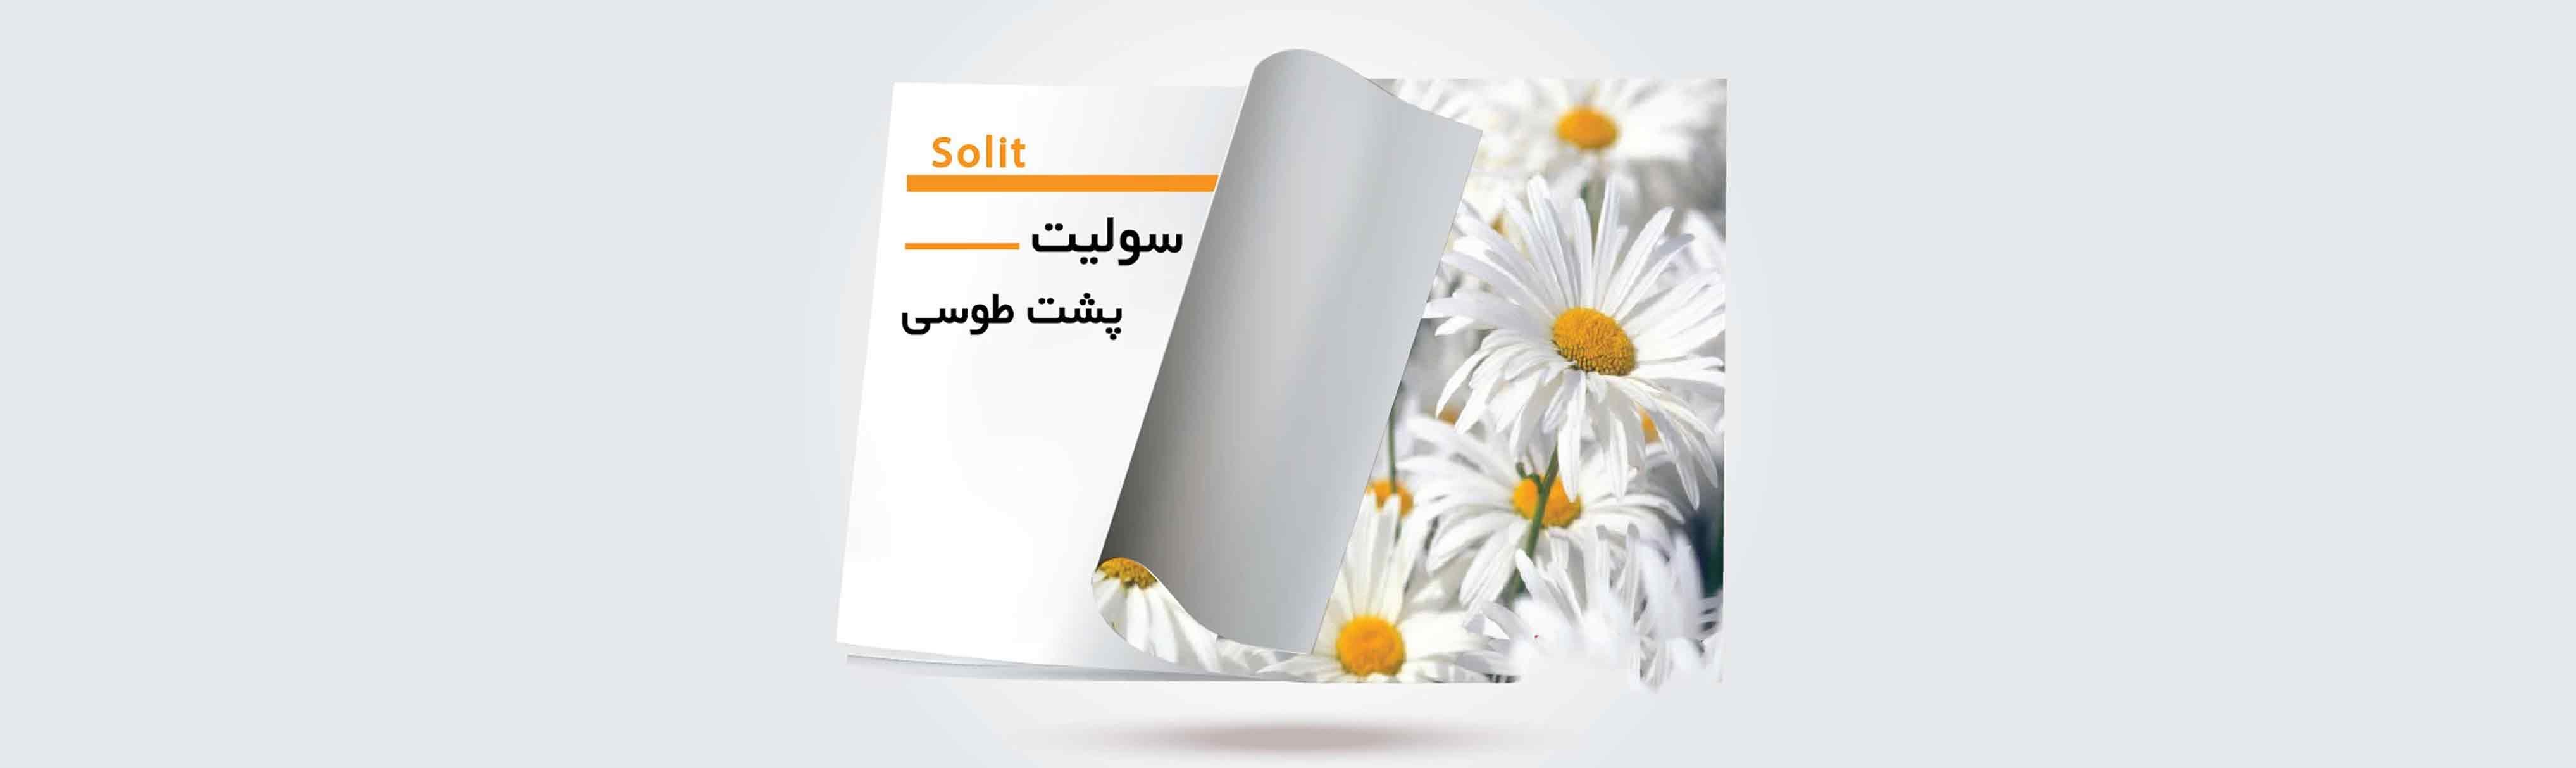 چاپ سولیت